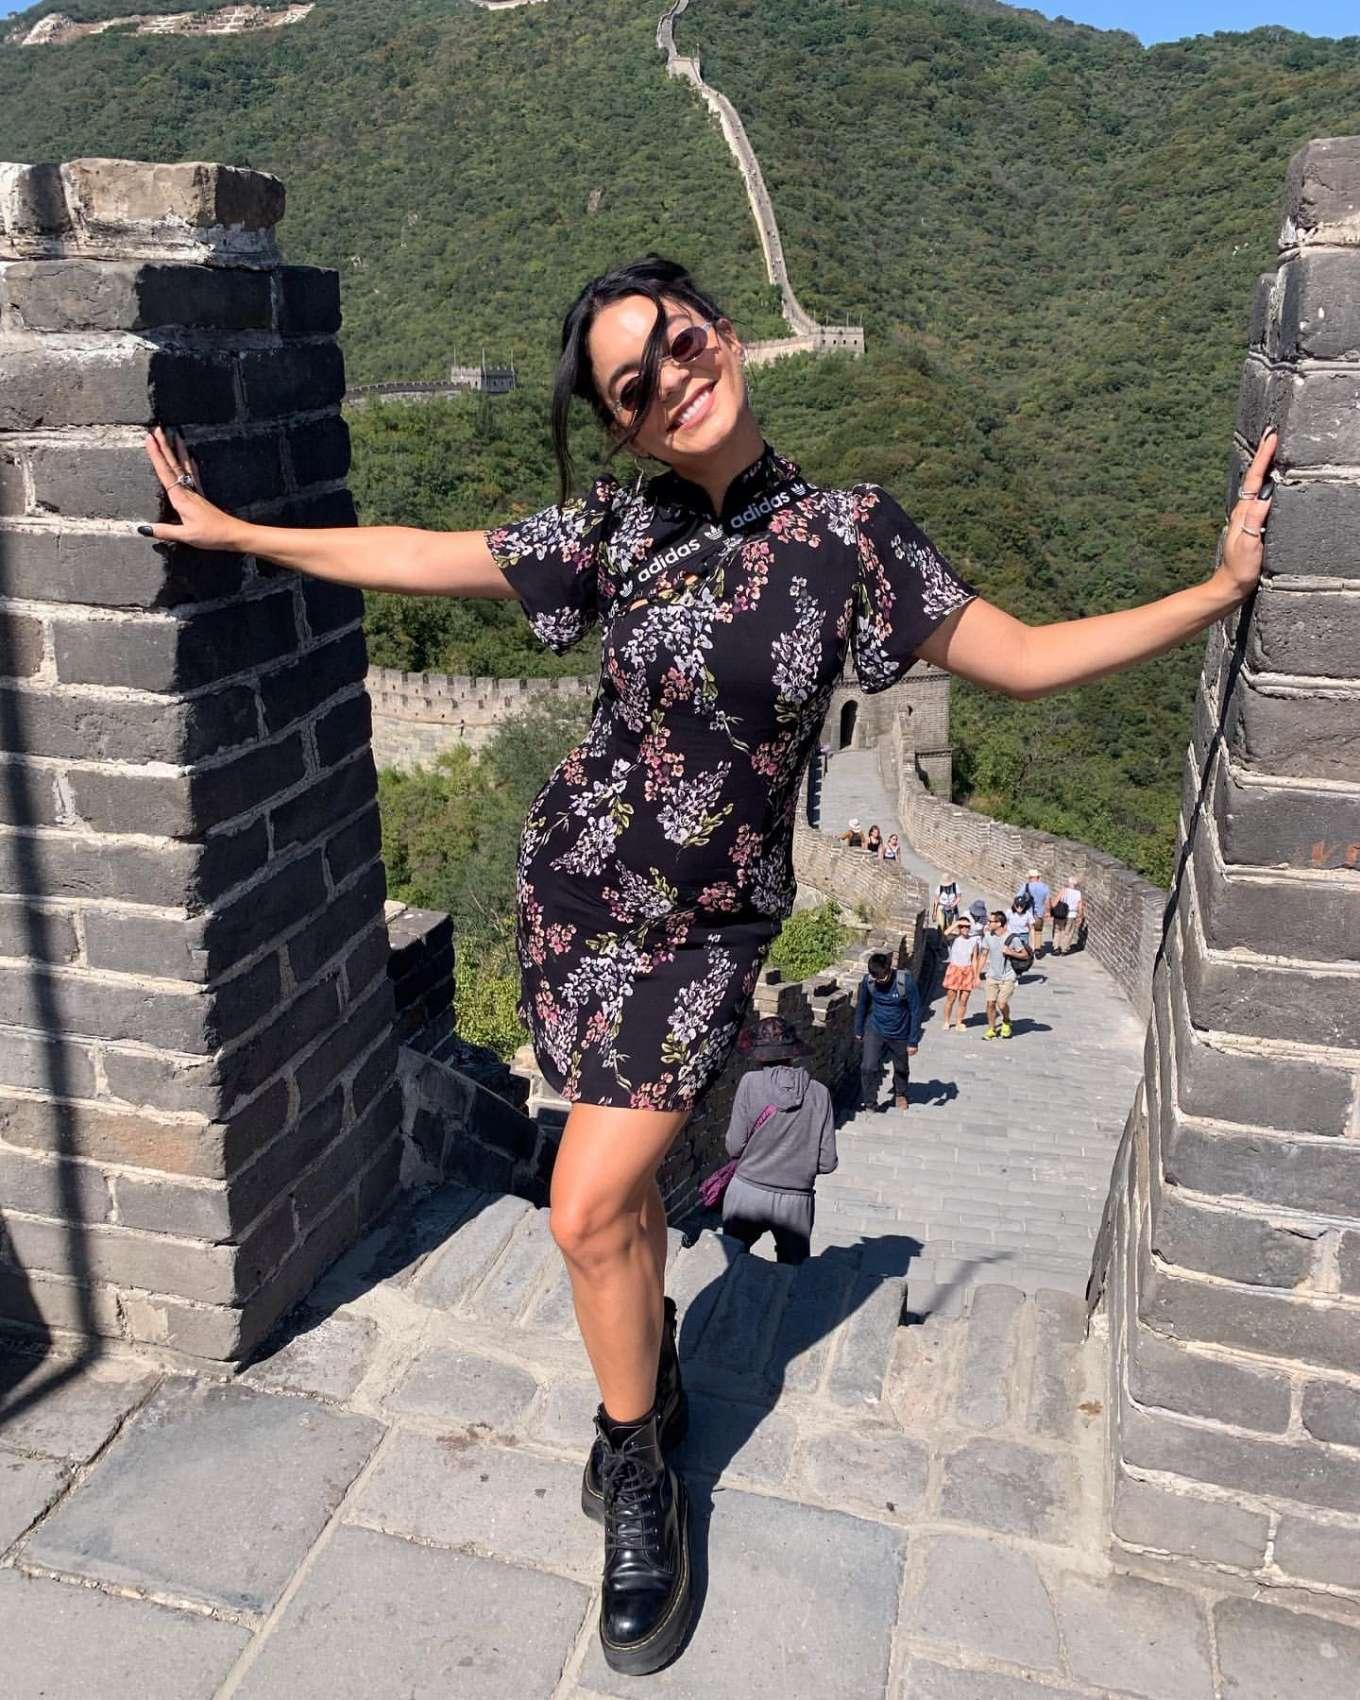 Vanessa Hudgens in Mini Dress - Personal Pics